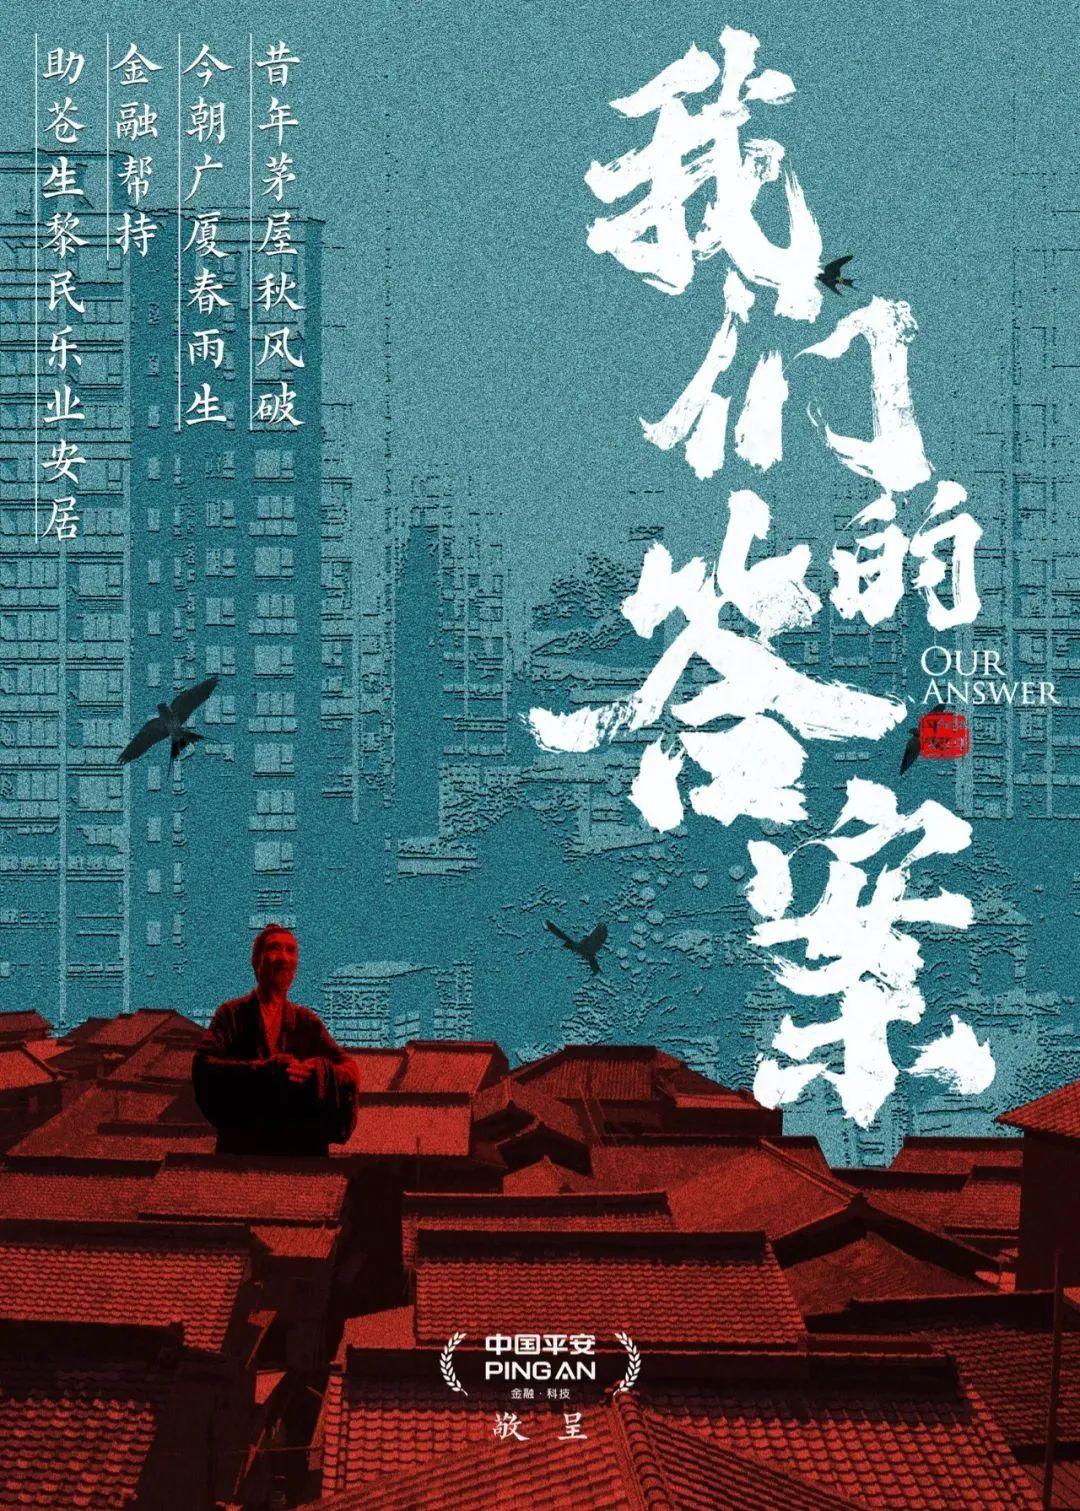 中国平安:一场跨越千年的问答